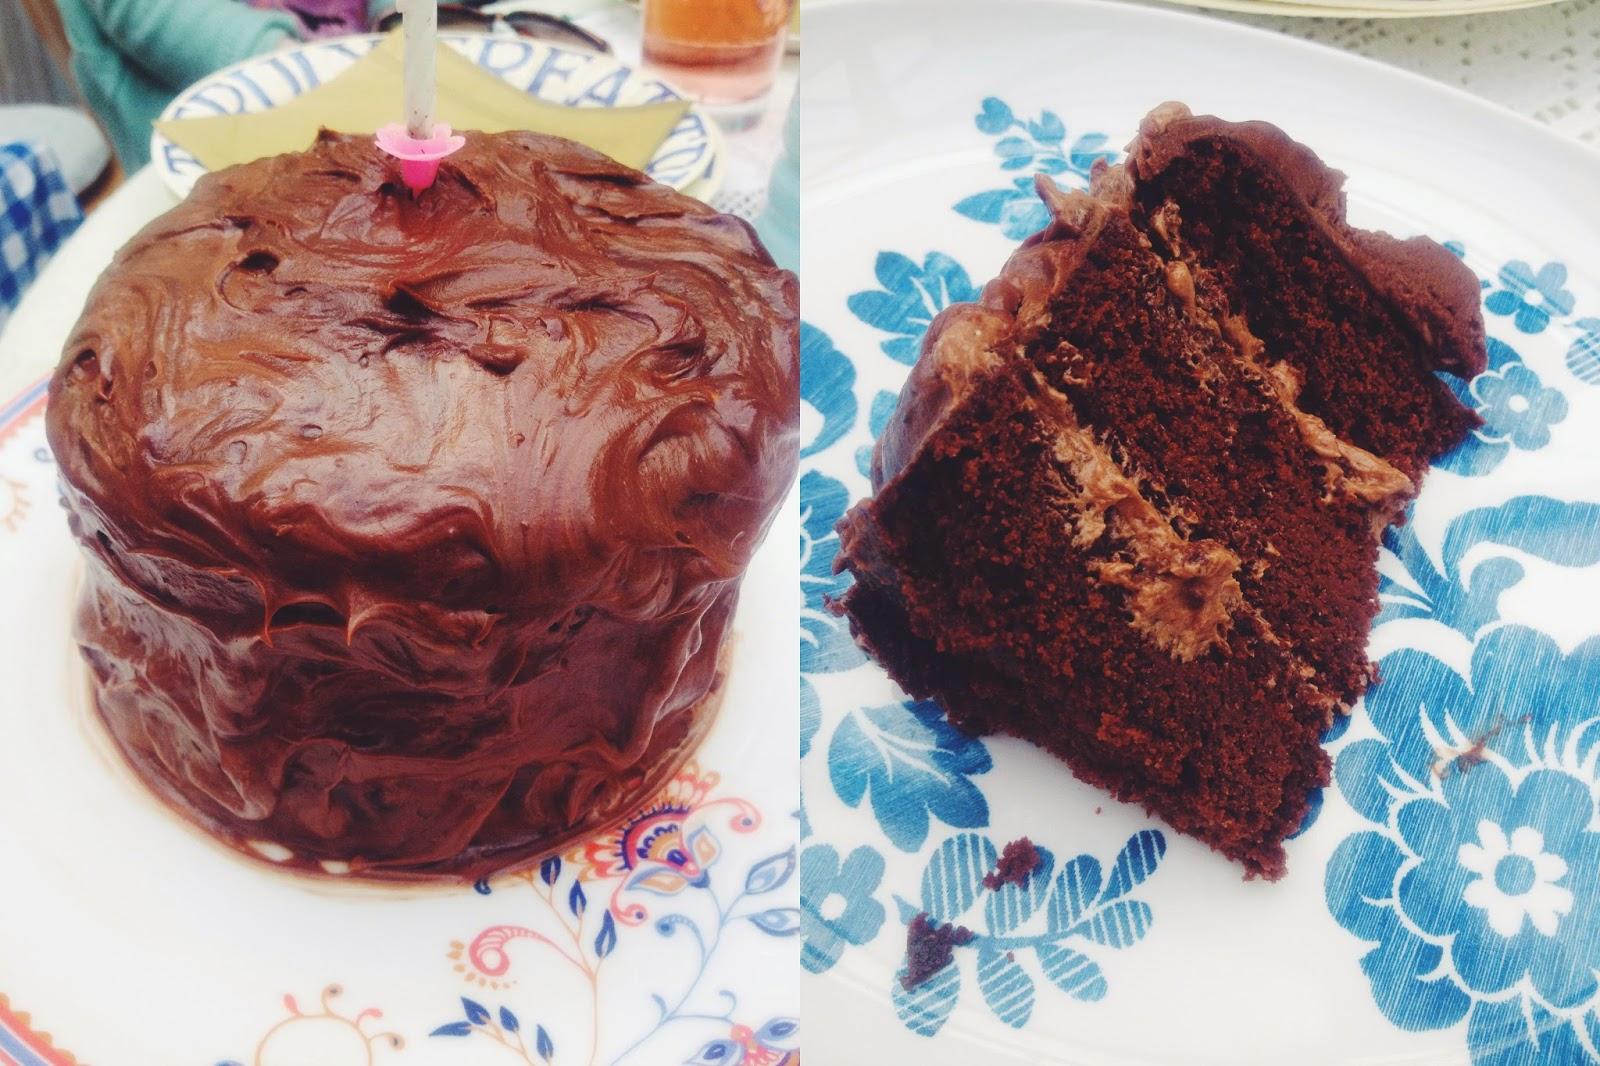 FOOD : VEGAN CHOCOLATE BIRTHDAY CAKE - GLUTEN FREE WHEAT FREE